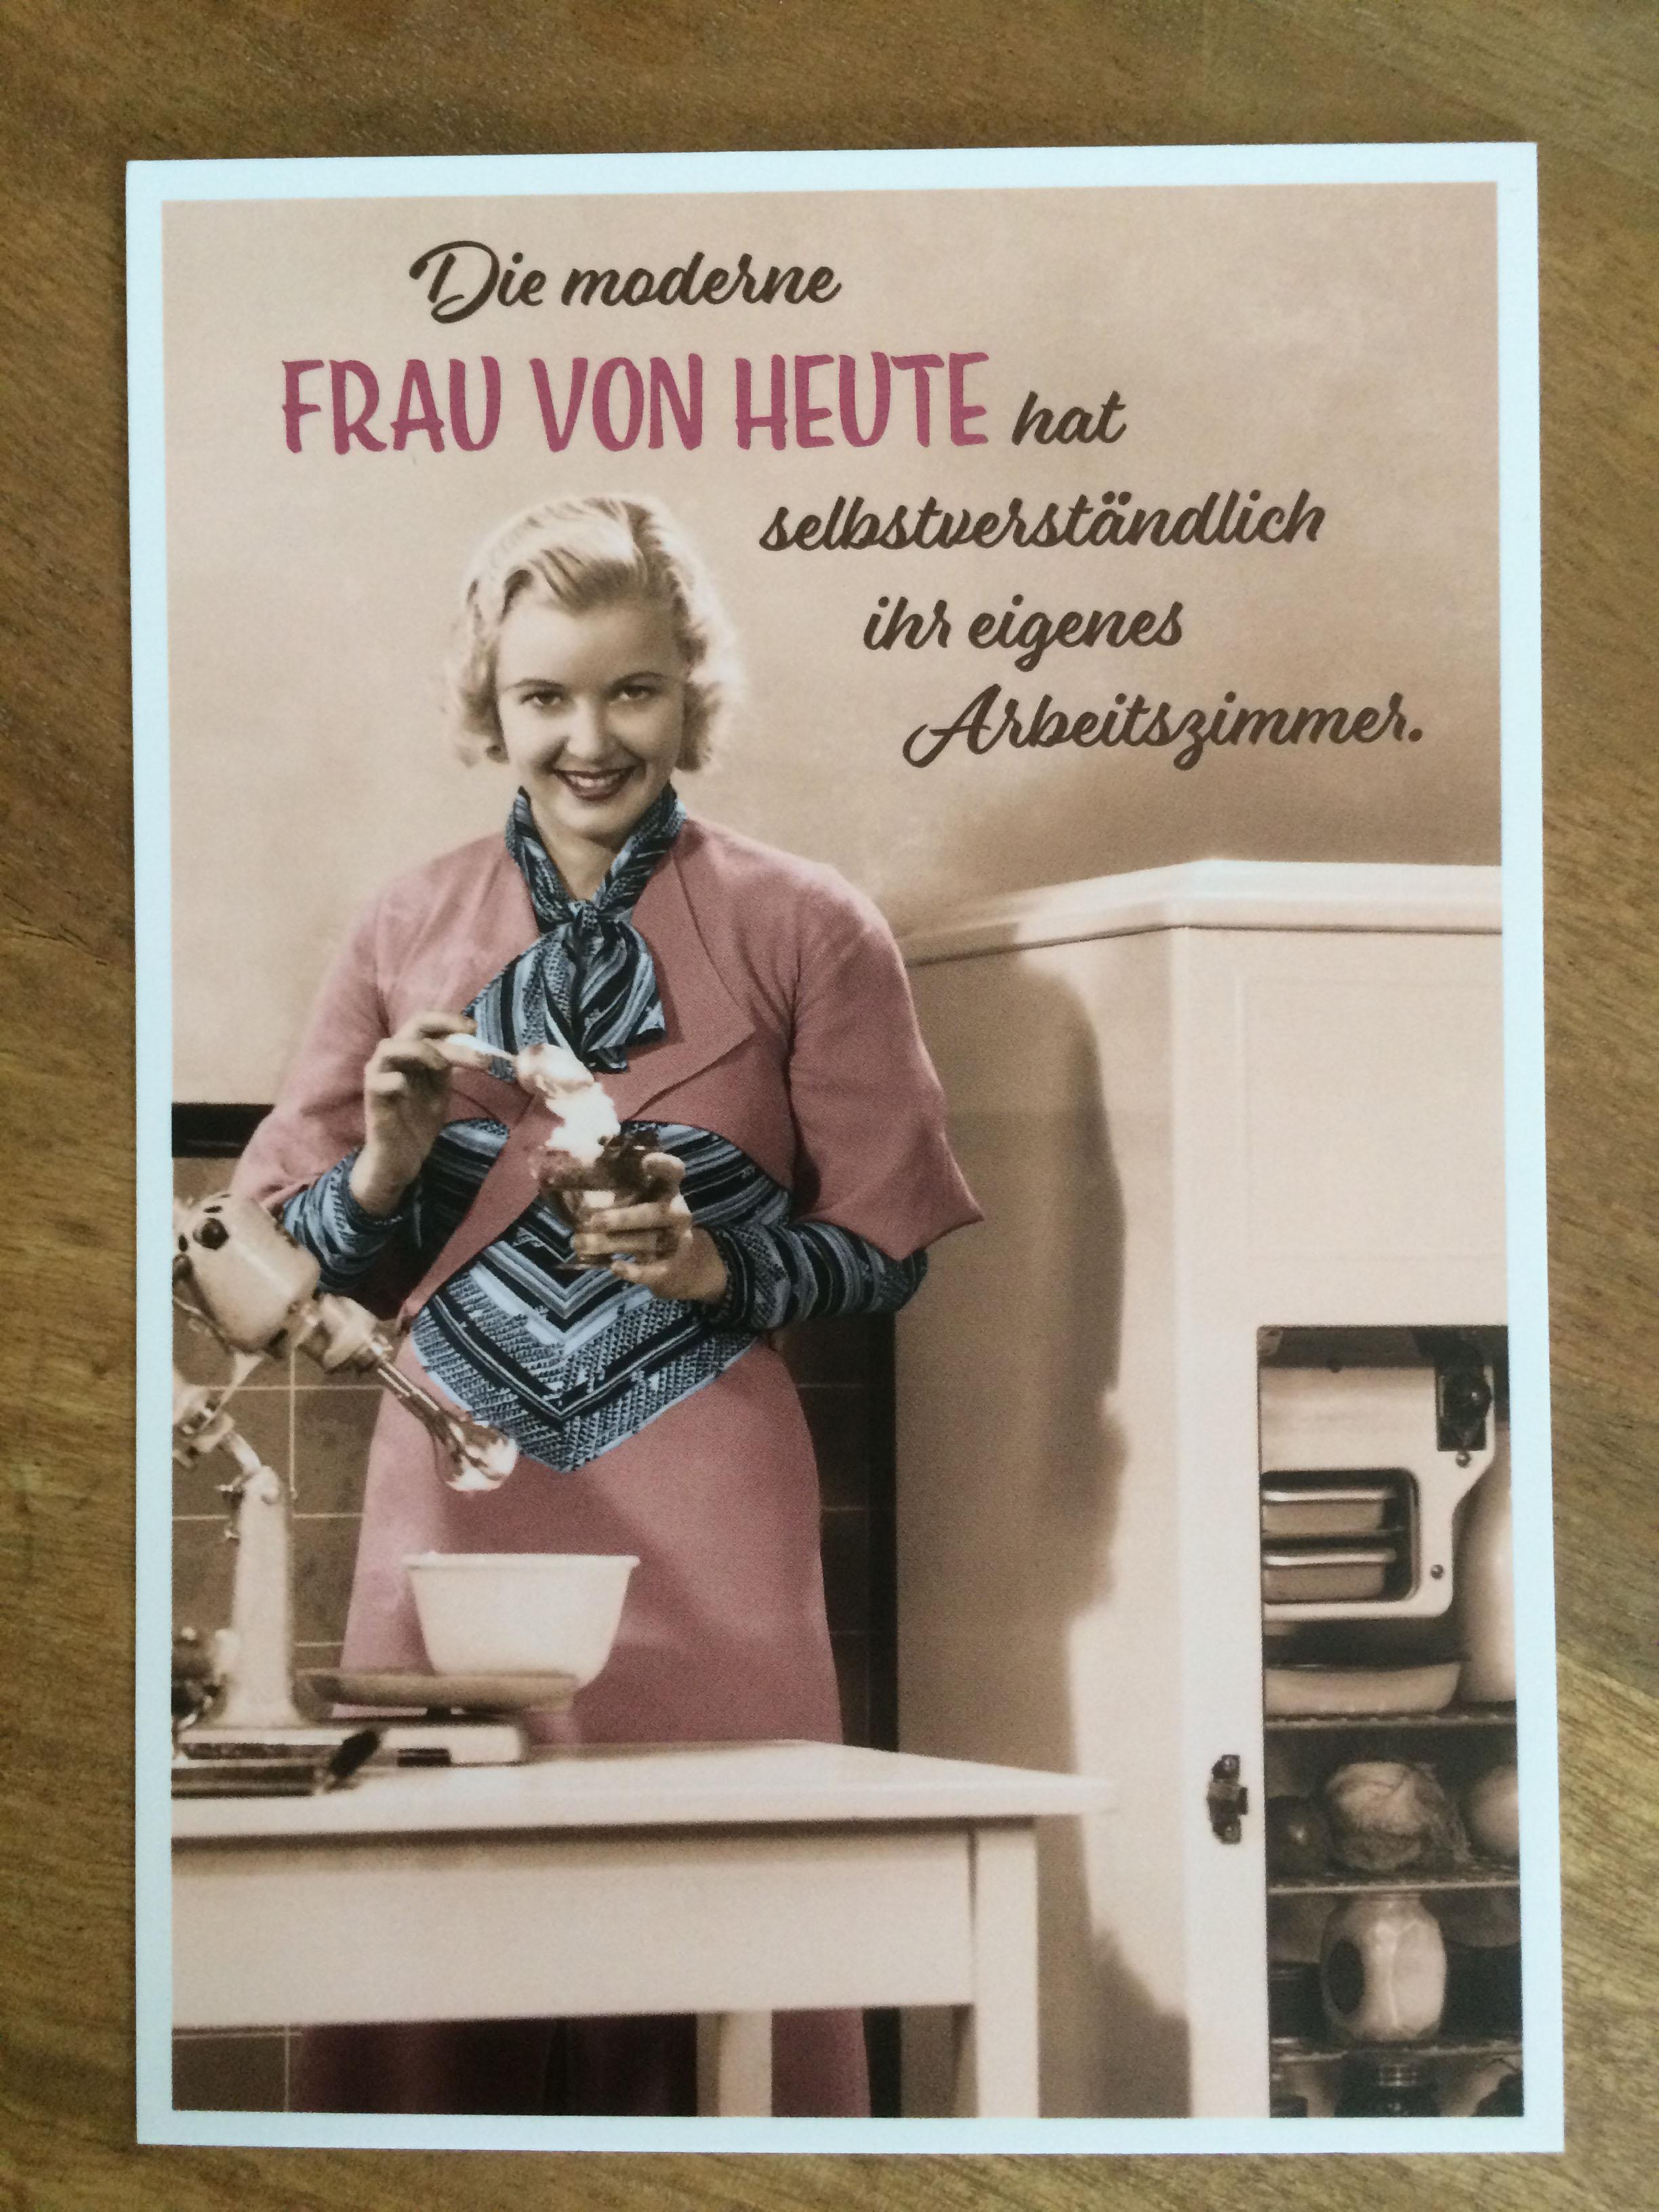 Postkarte Karte Die moderne Frau von heute hat selbstverständlich ihr eigenes Arbeitszimmer. Palom